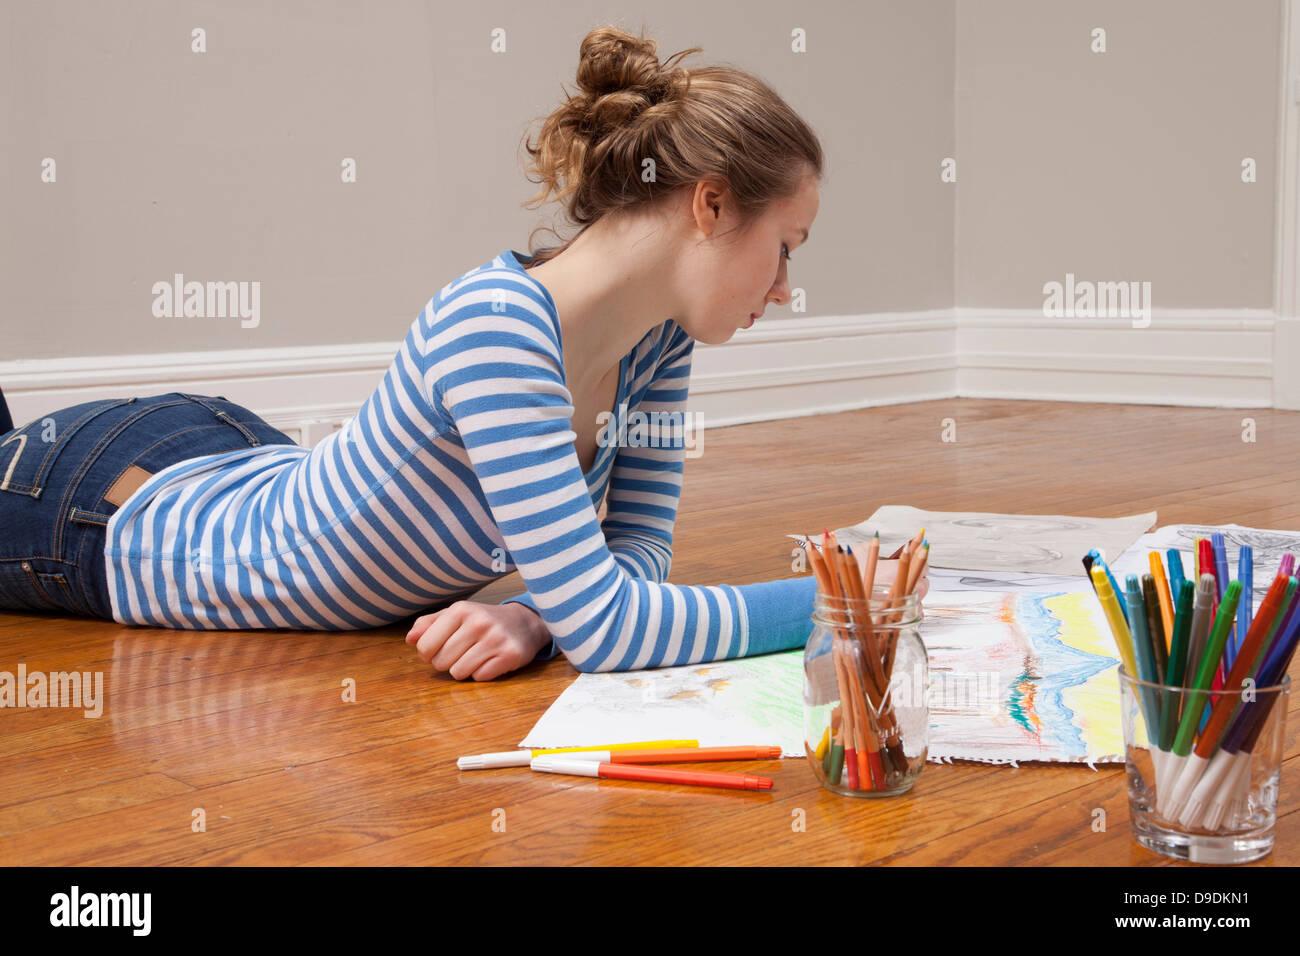 Mädchen auf Boden Bild zeichnen Stockbild